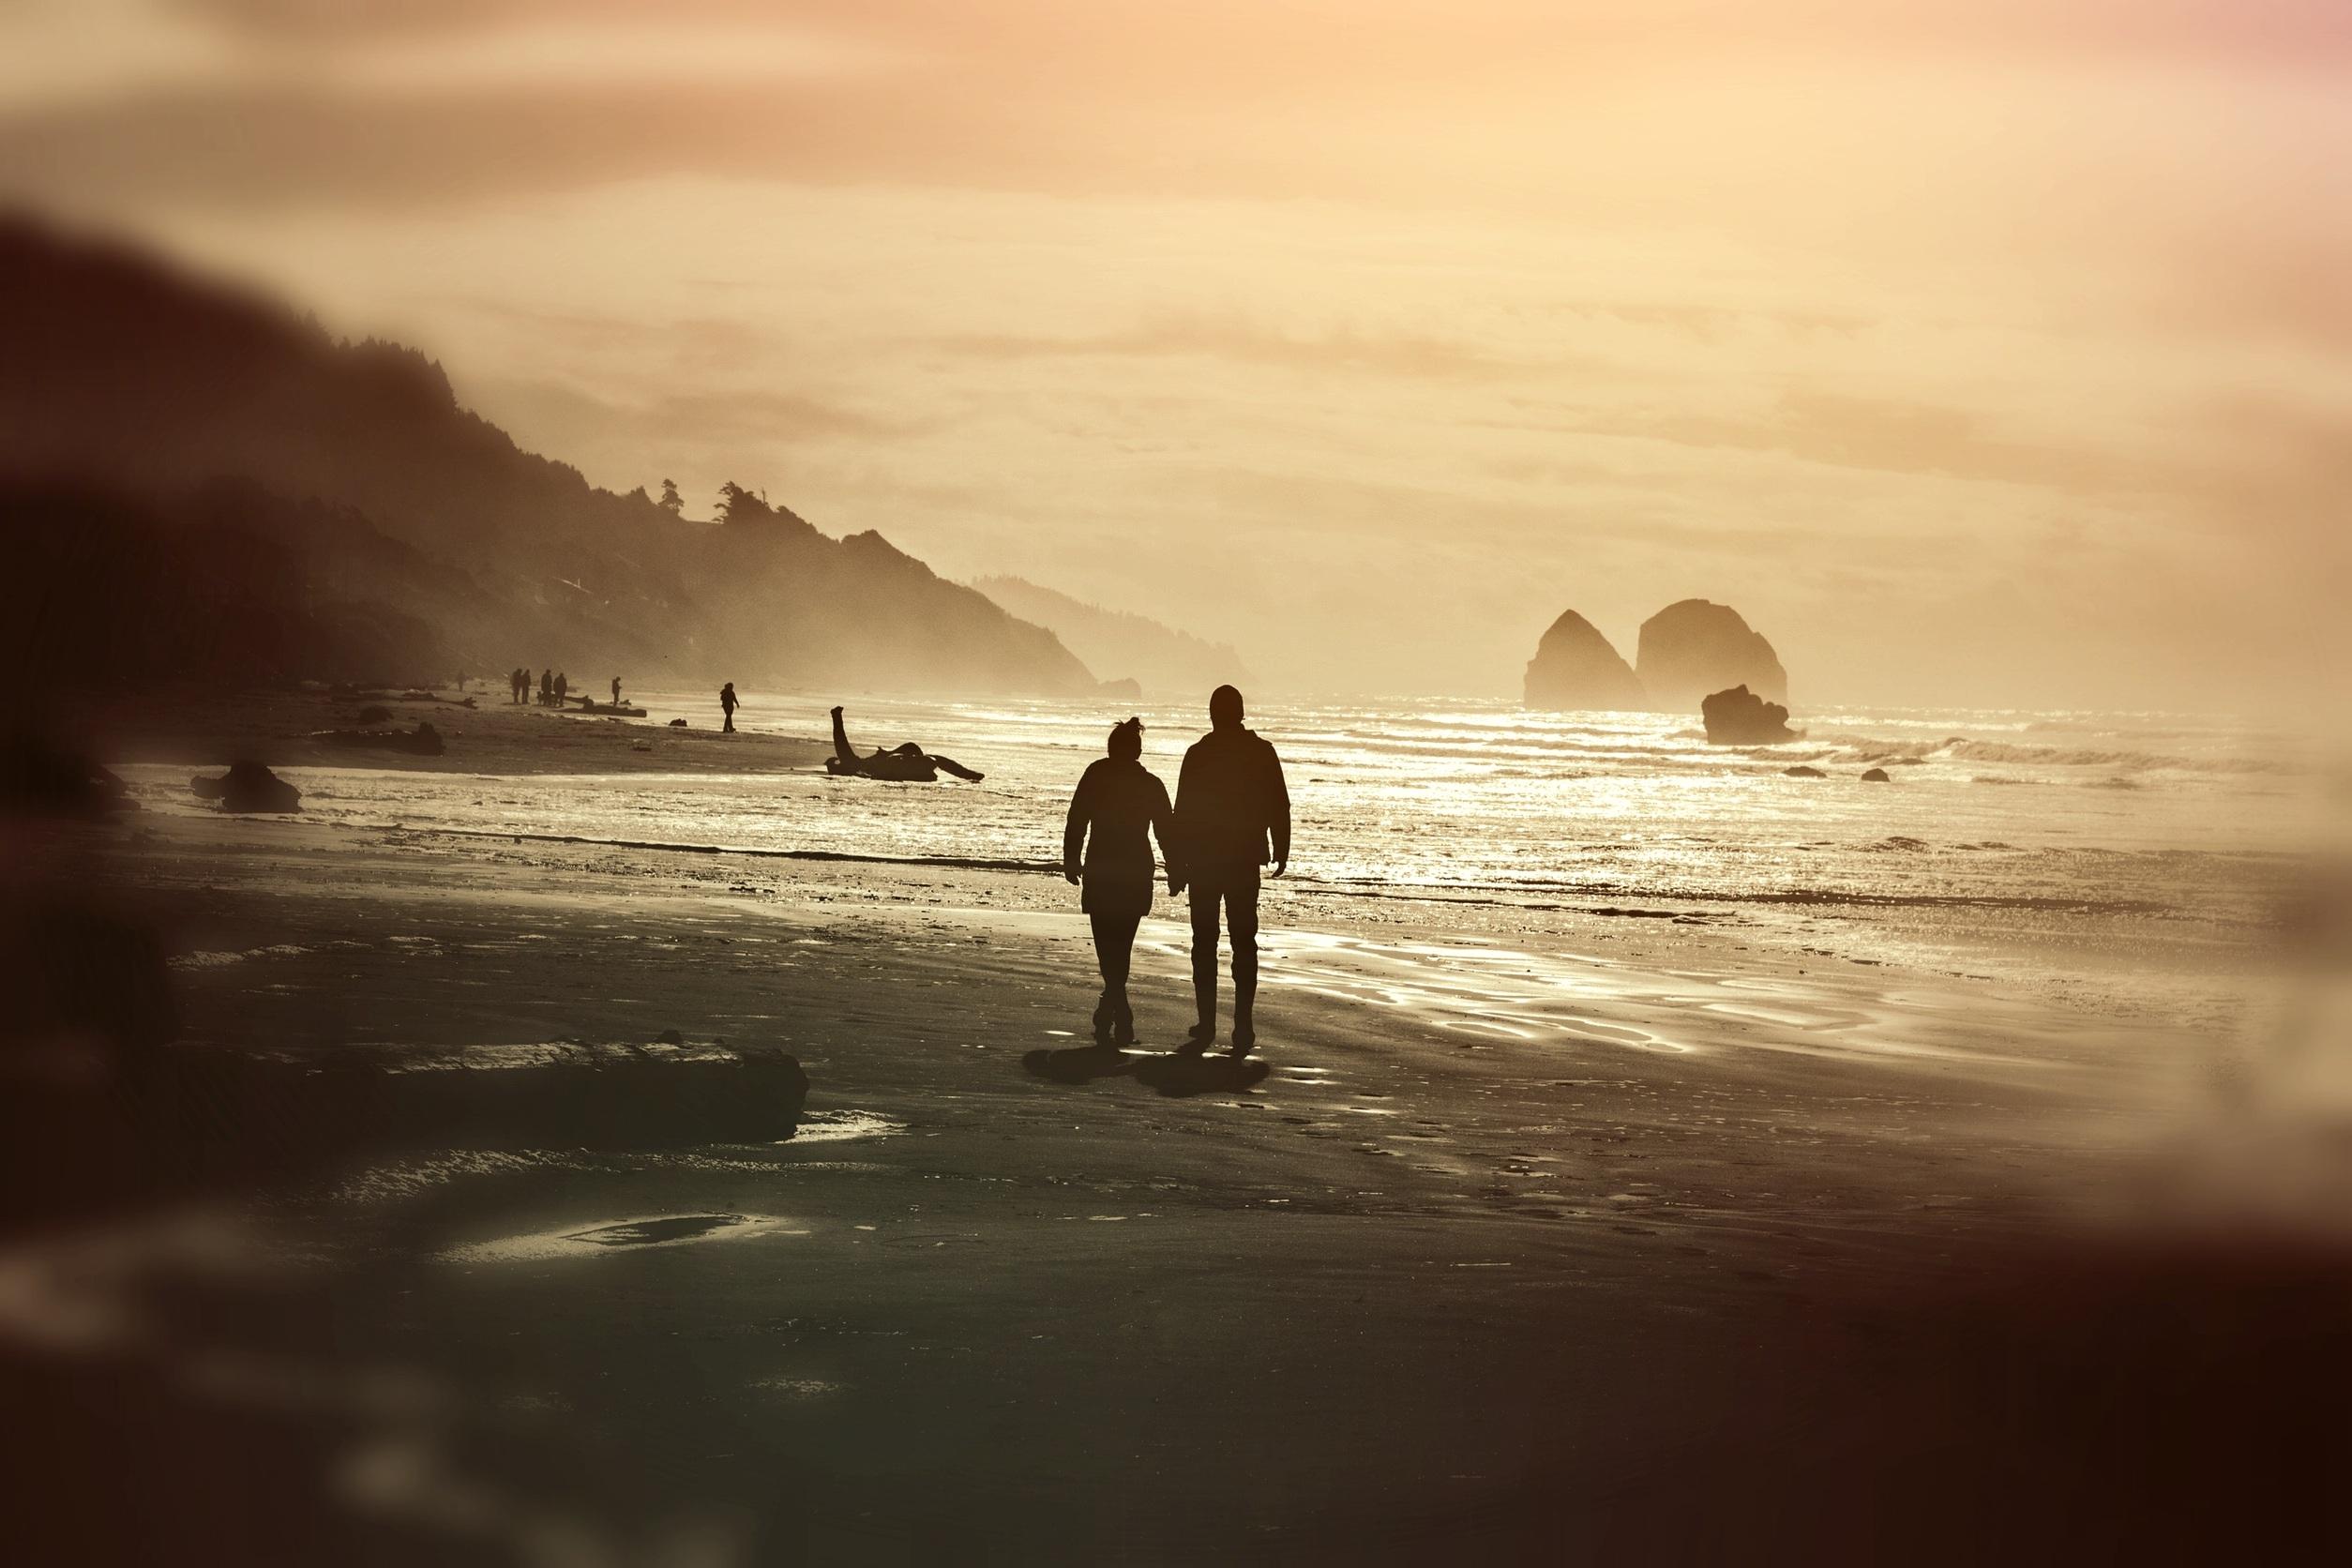 Immagini belle : paesaggio mare natura sabbia roccia oceano